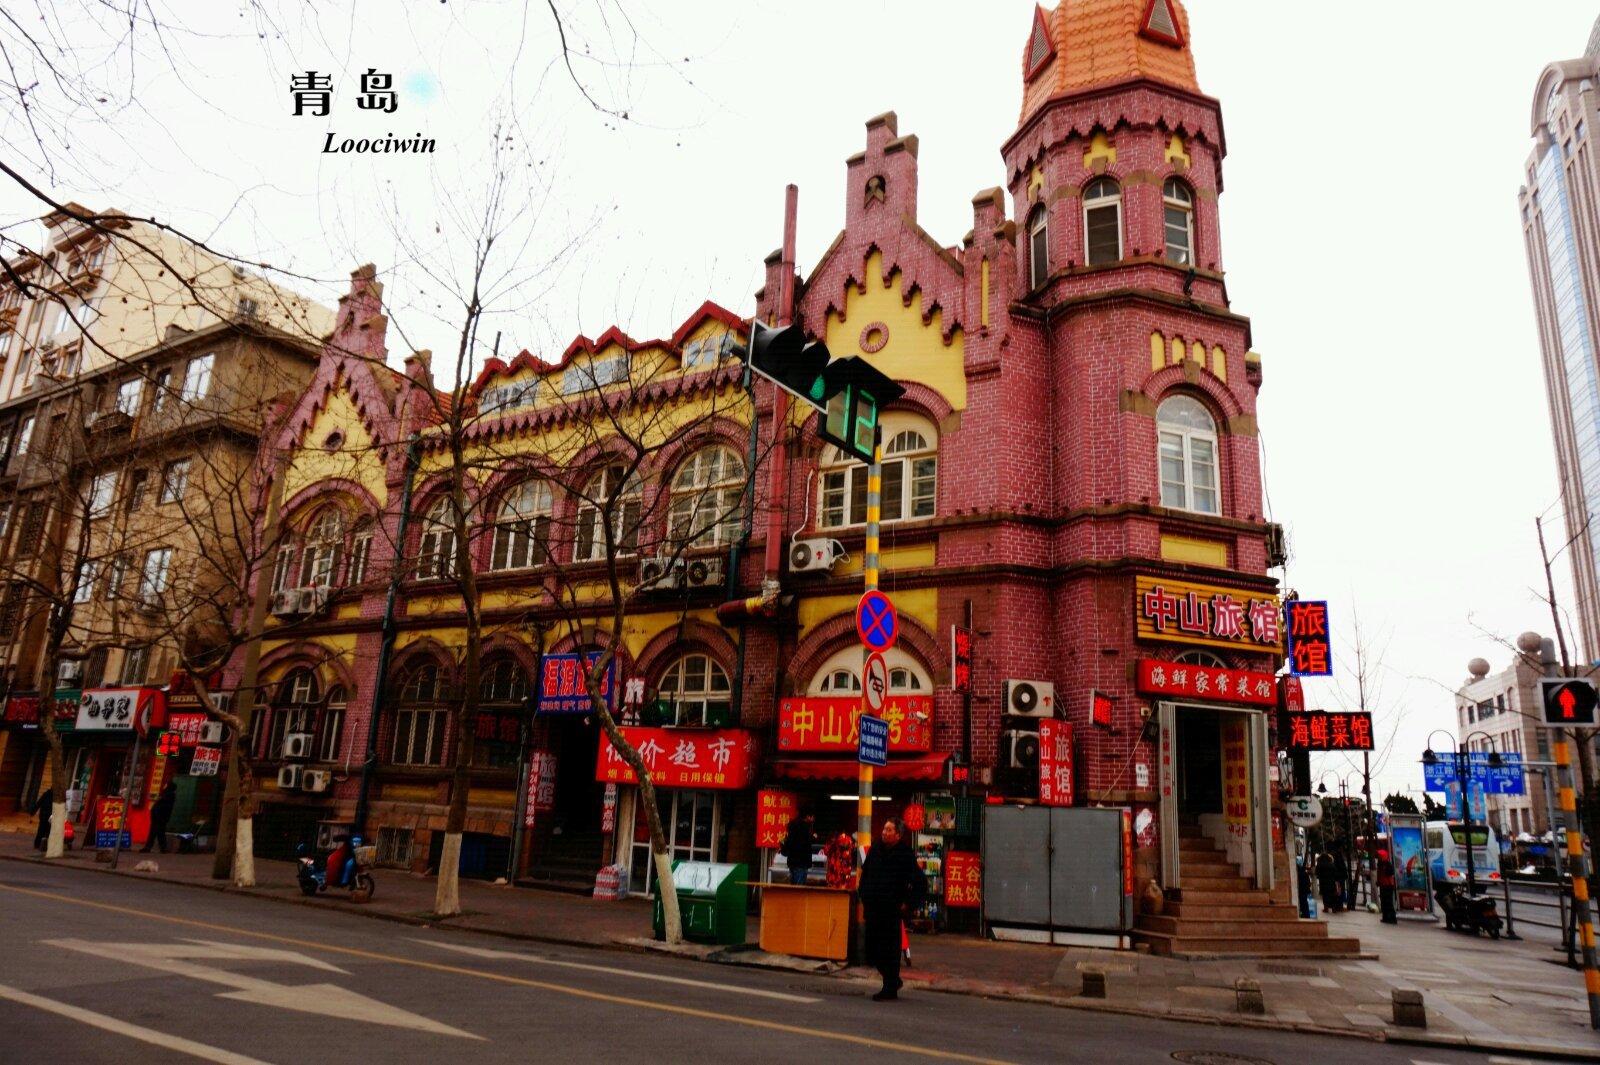 壁纸 步行街 建筑 街道 街景 商业街 1600_1065